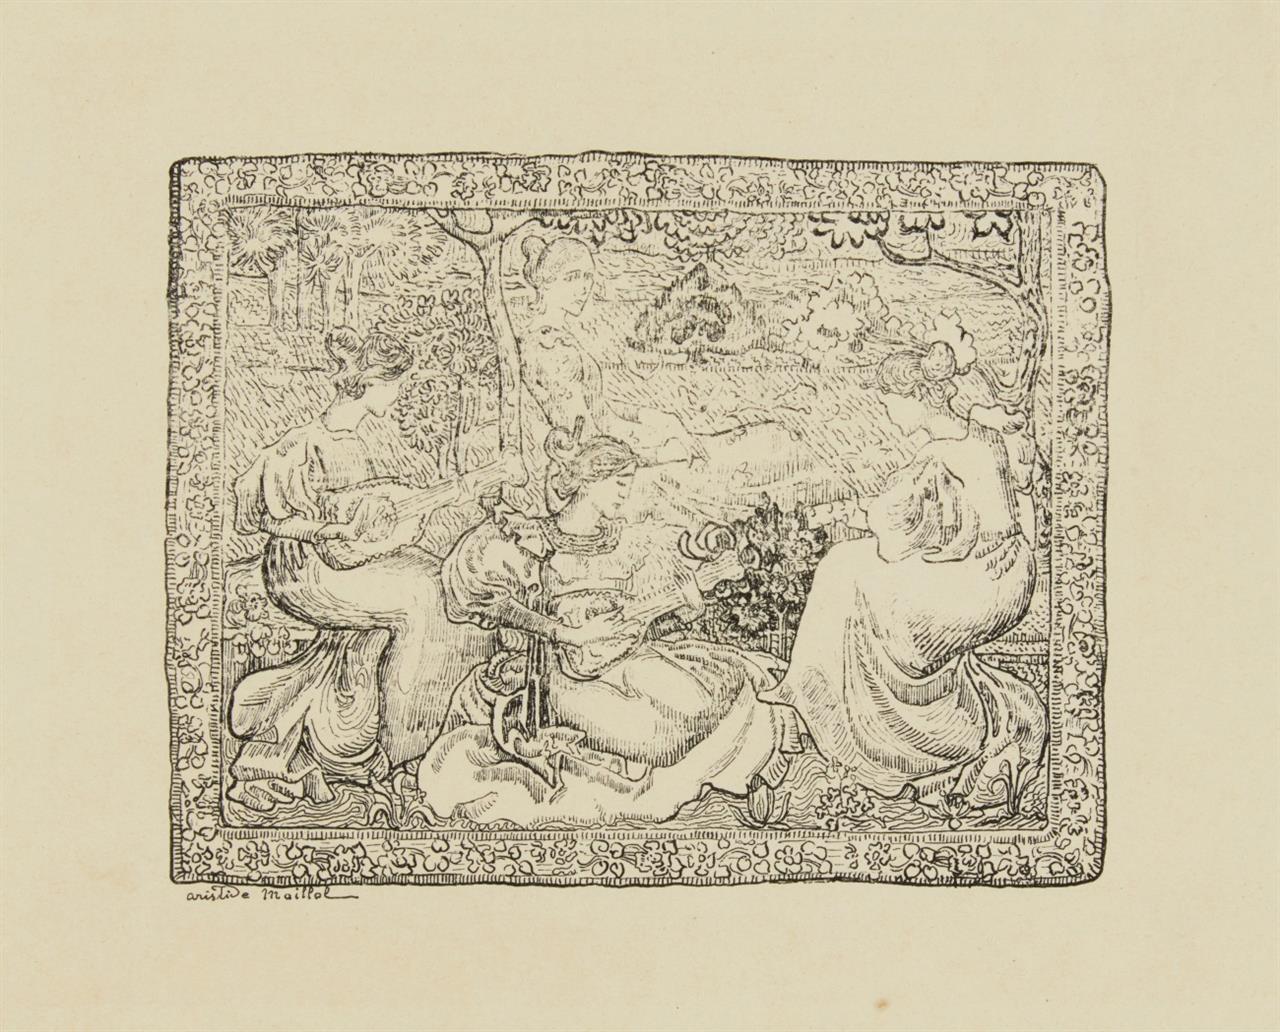 Aristide Maillol. Concert Champêtre. 1895. Federzinkographie. G. 261.